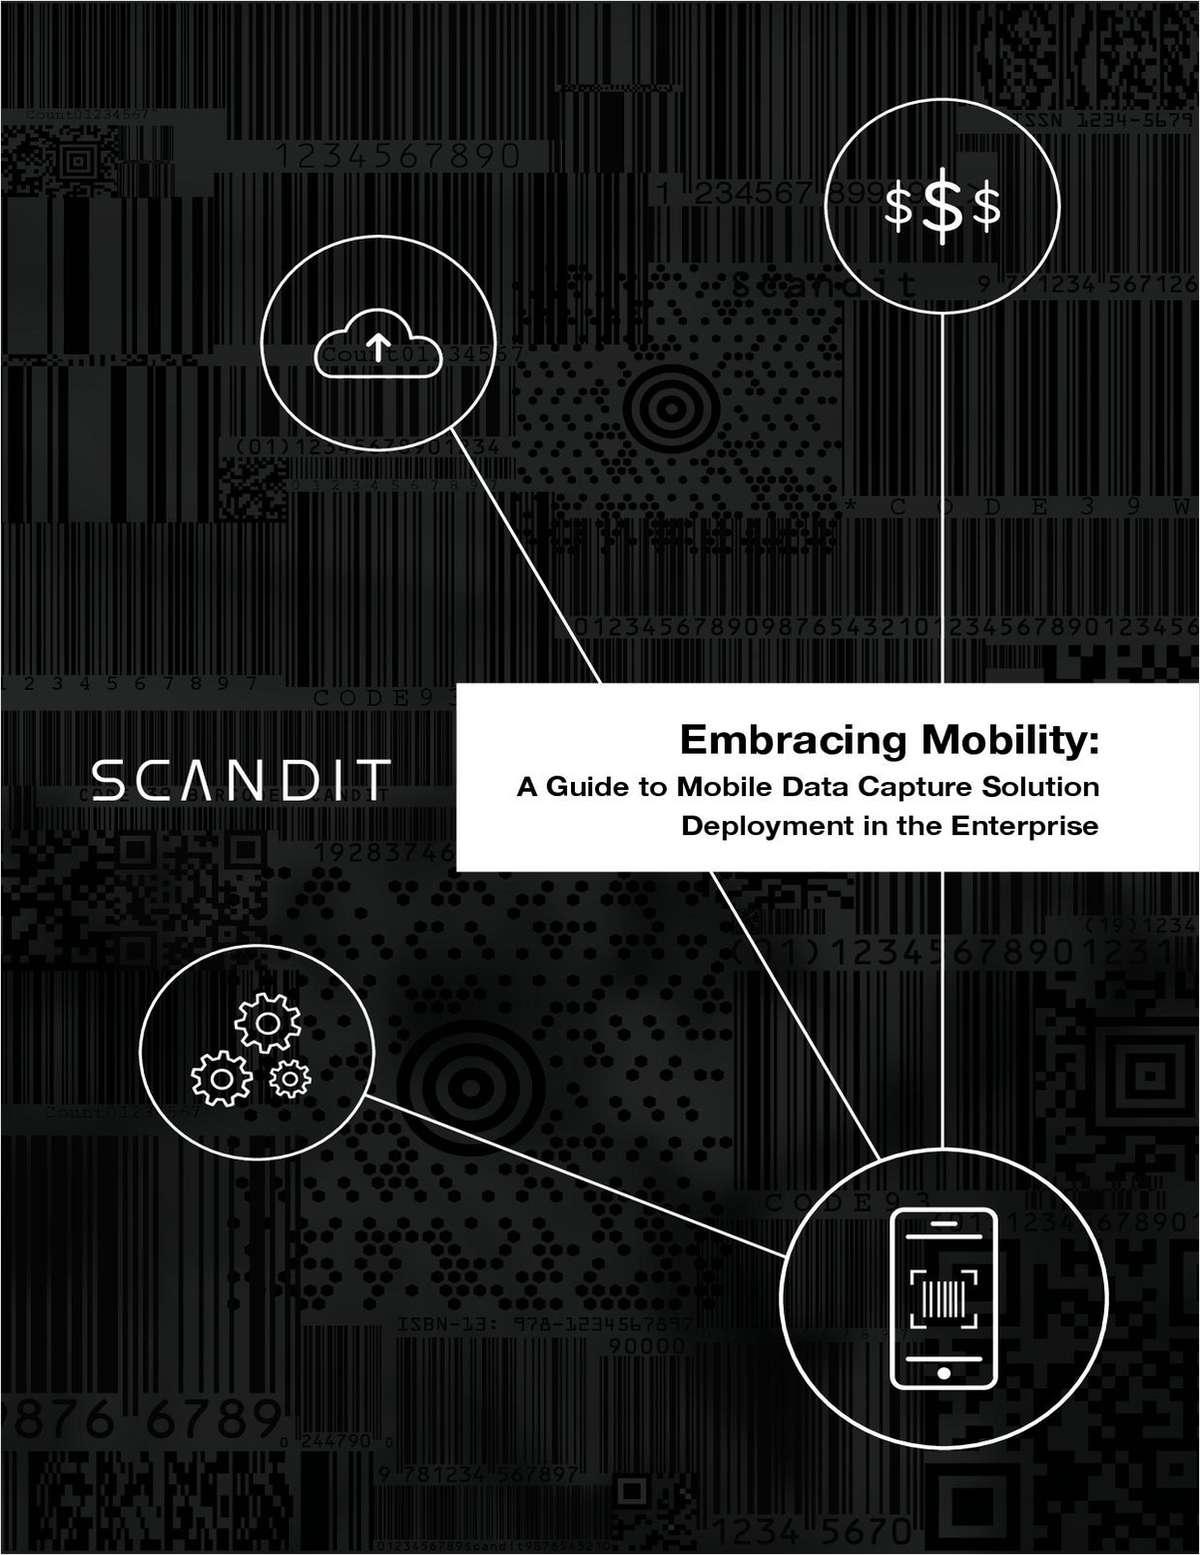 Allumfassende Mobilität: eine Anleitung für die Nutzung von mobilen Datenerfassungslösungen in Unternehmen.